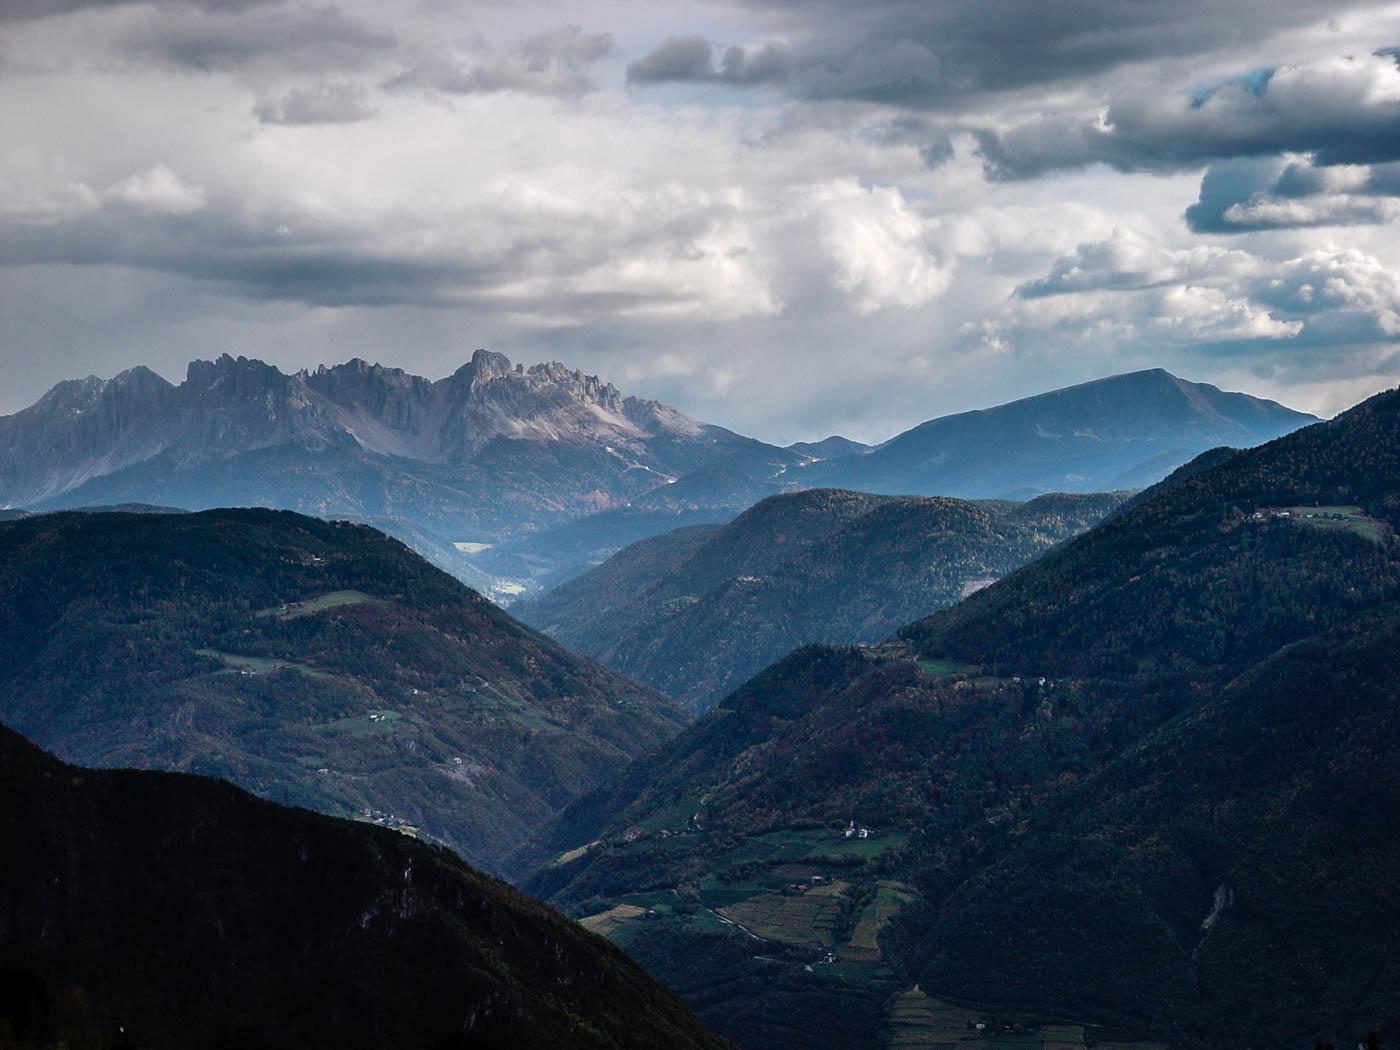 Dolomiti – Latemar from Jenesien